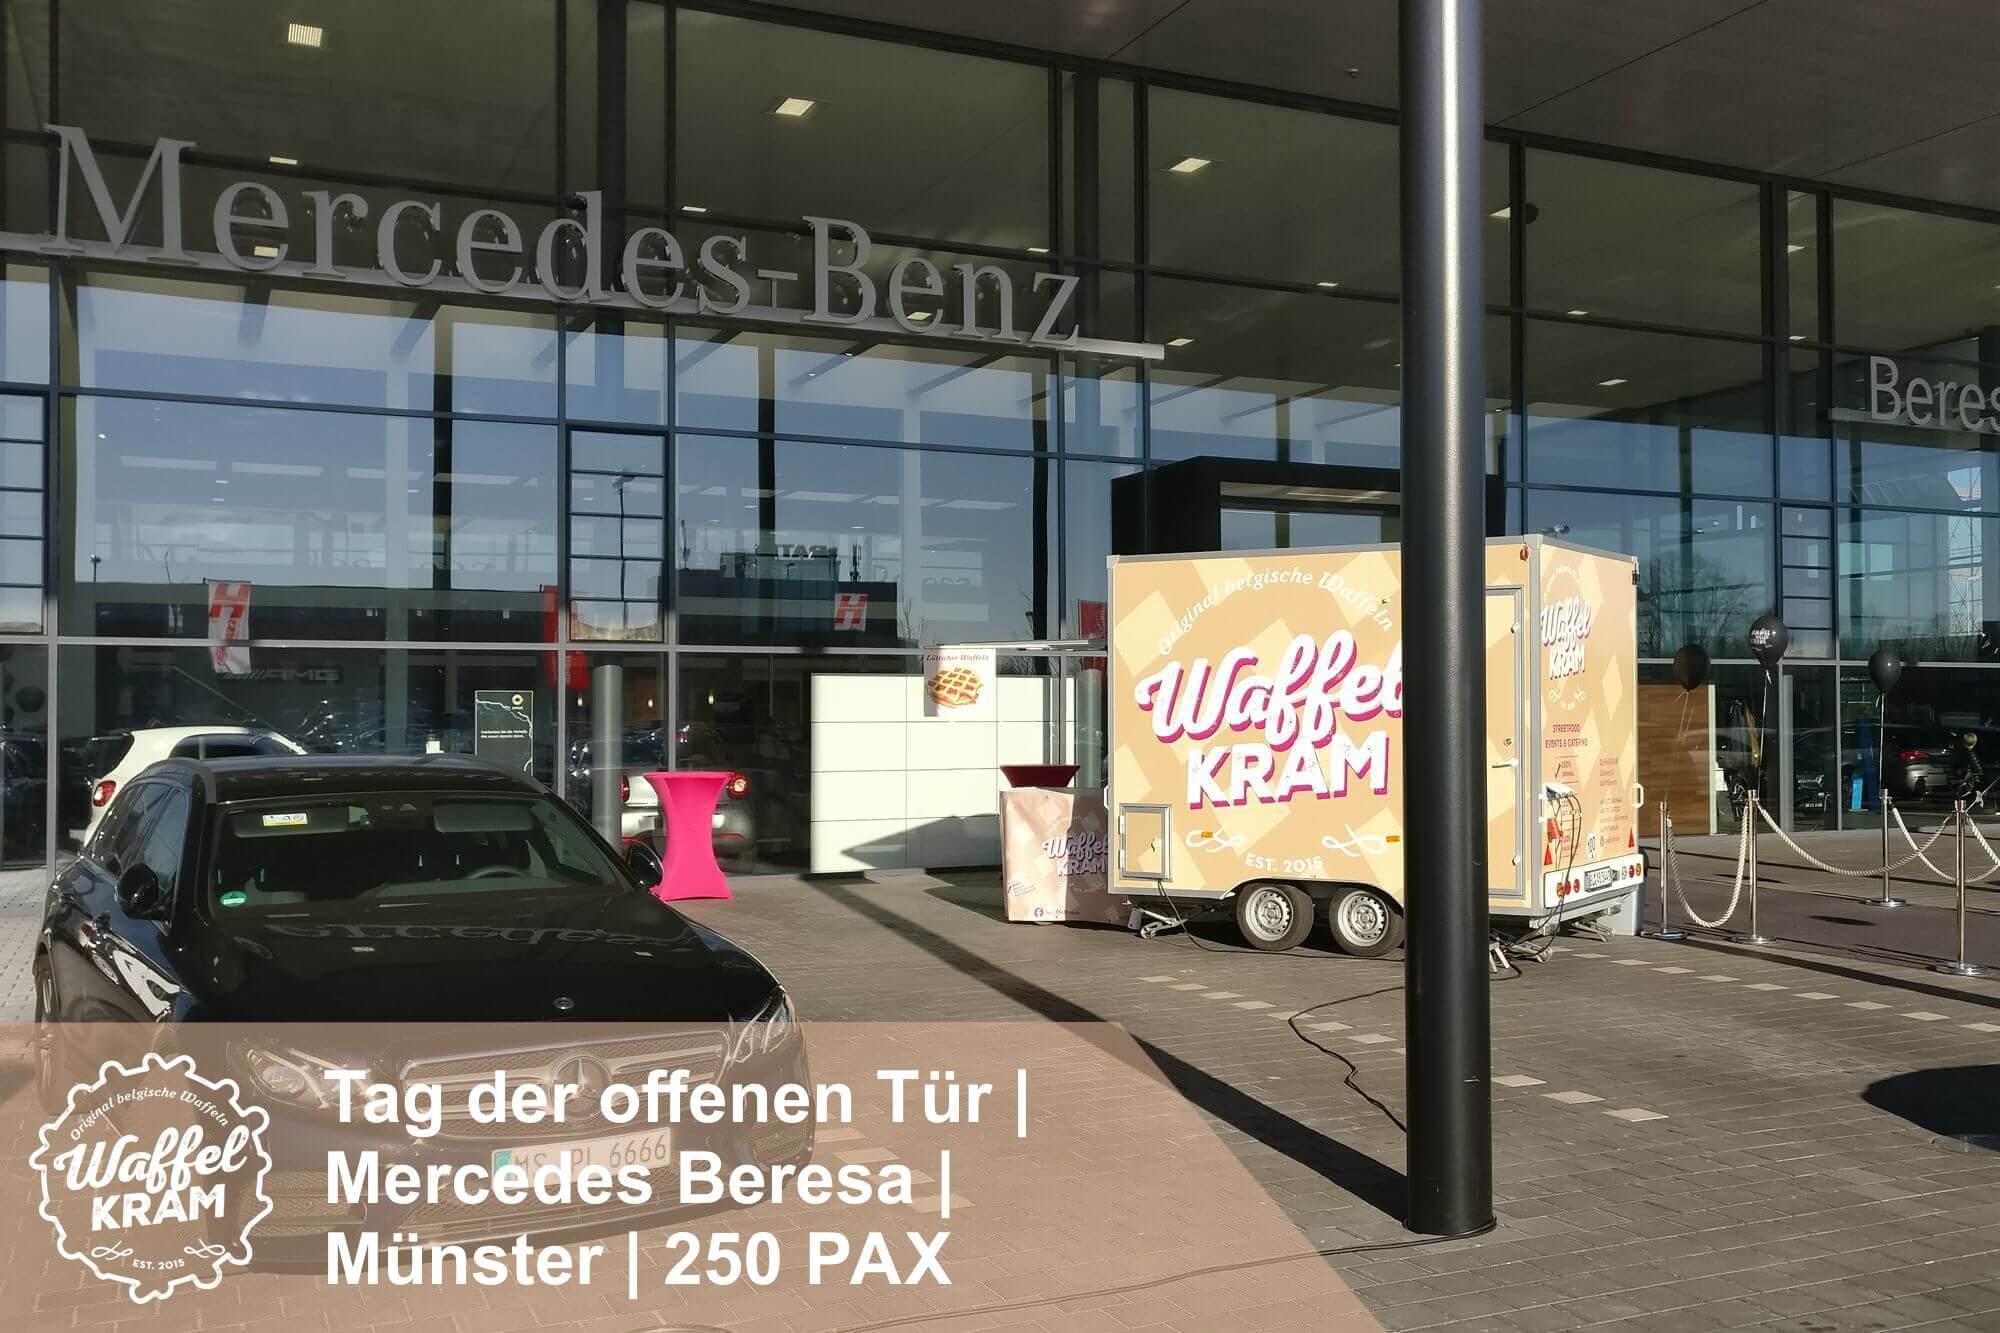 catering-tag-der-offenen-tuer-autohaus-mercedes-beresa-muenster-1-tx